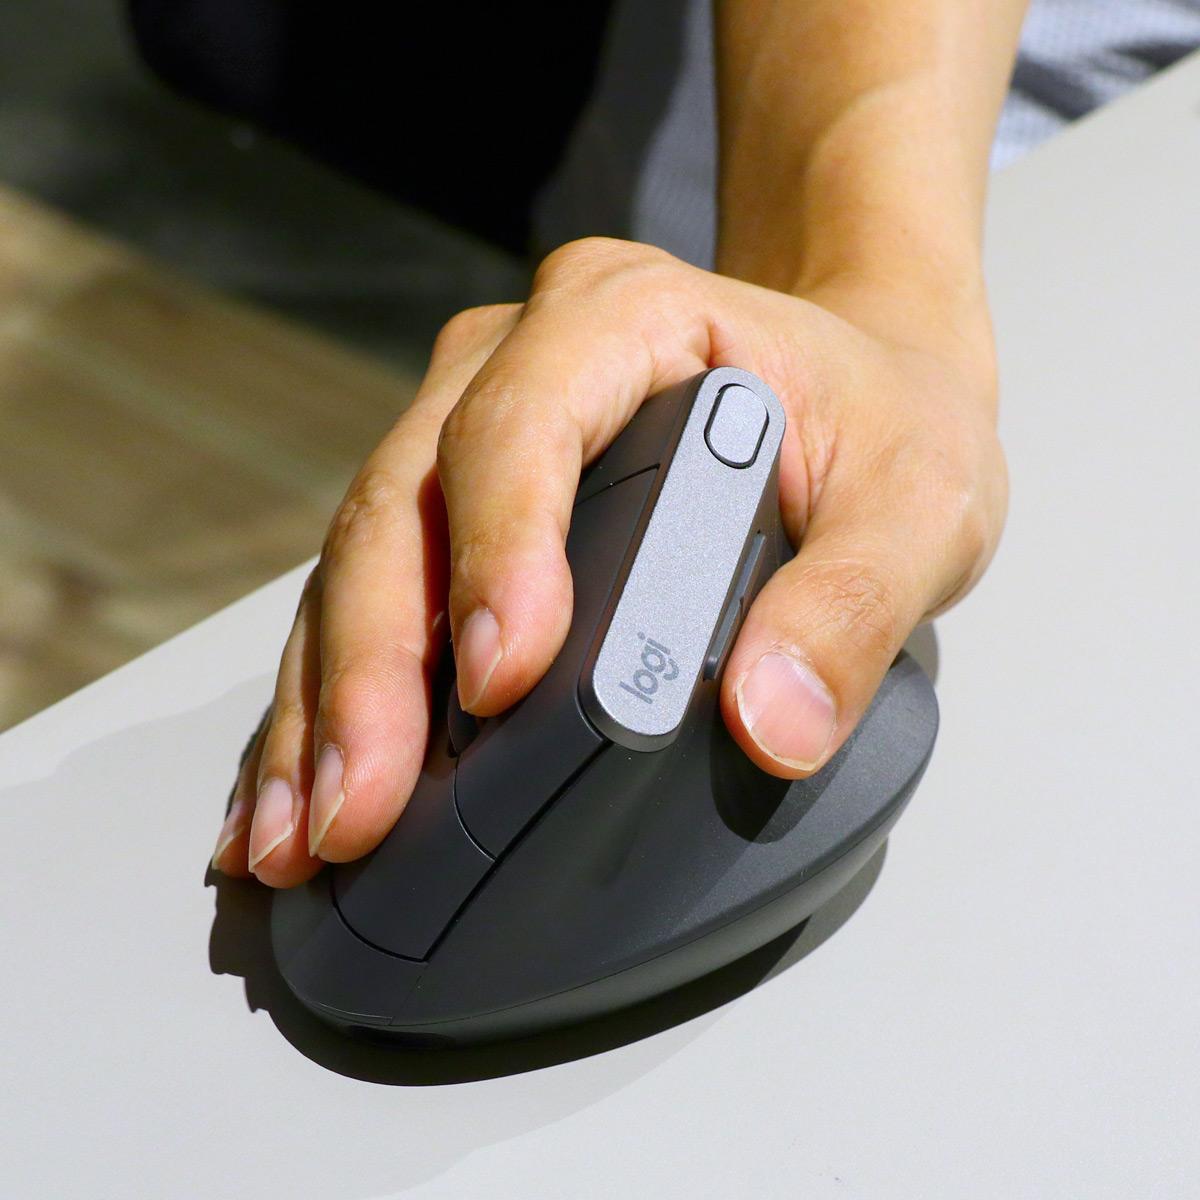 ロジクール初の縦型マウス「MX Vertical」登場! 肩こりや腱鞘炎に悩む人へ